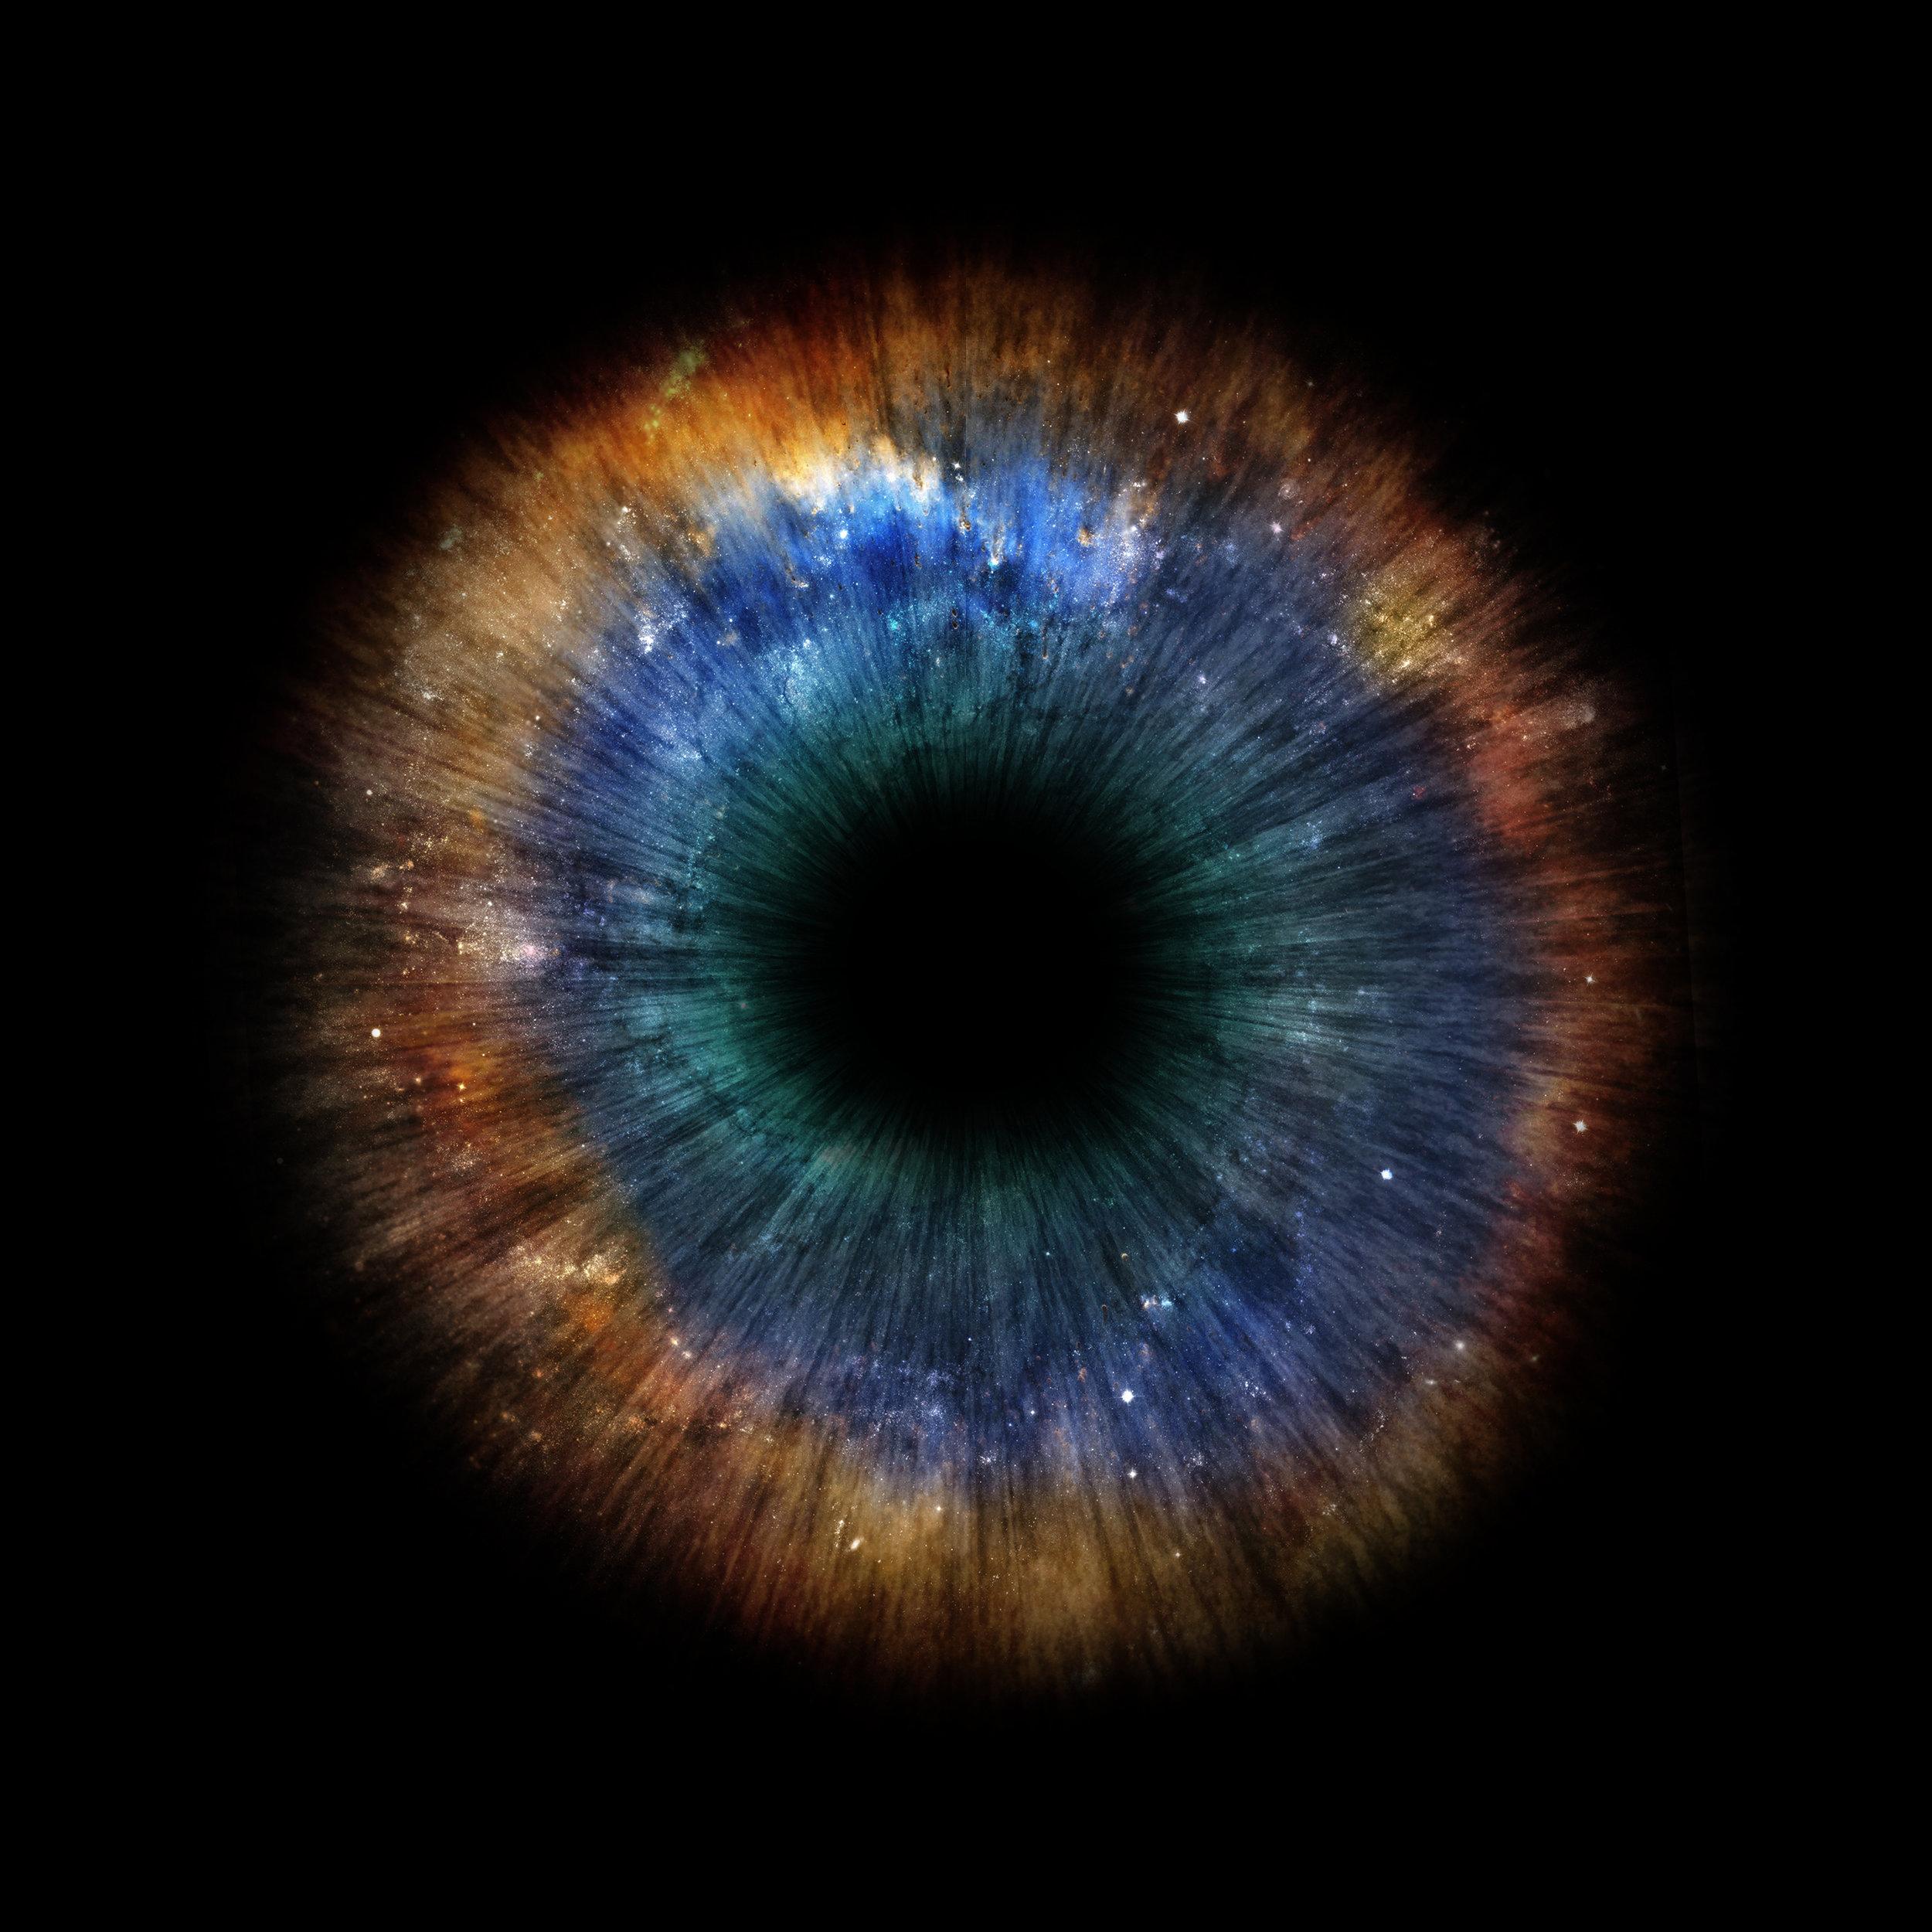 Eye_Stars2.jpg